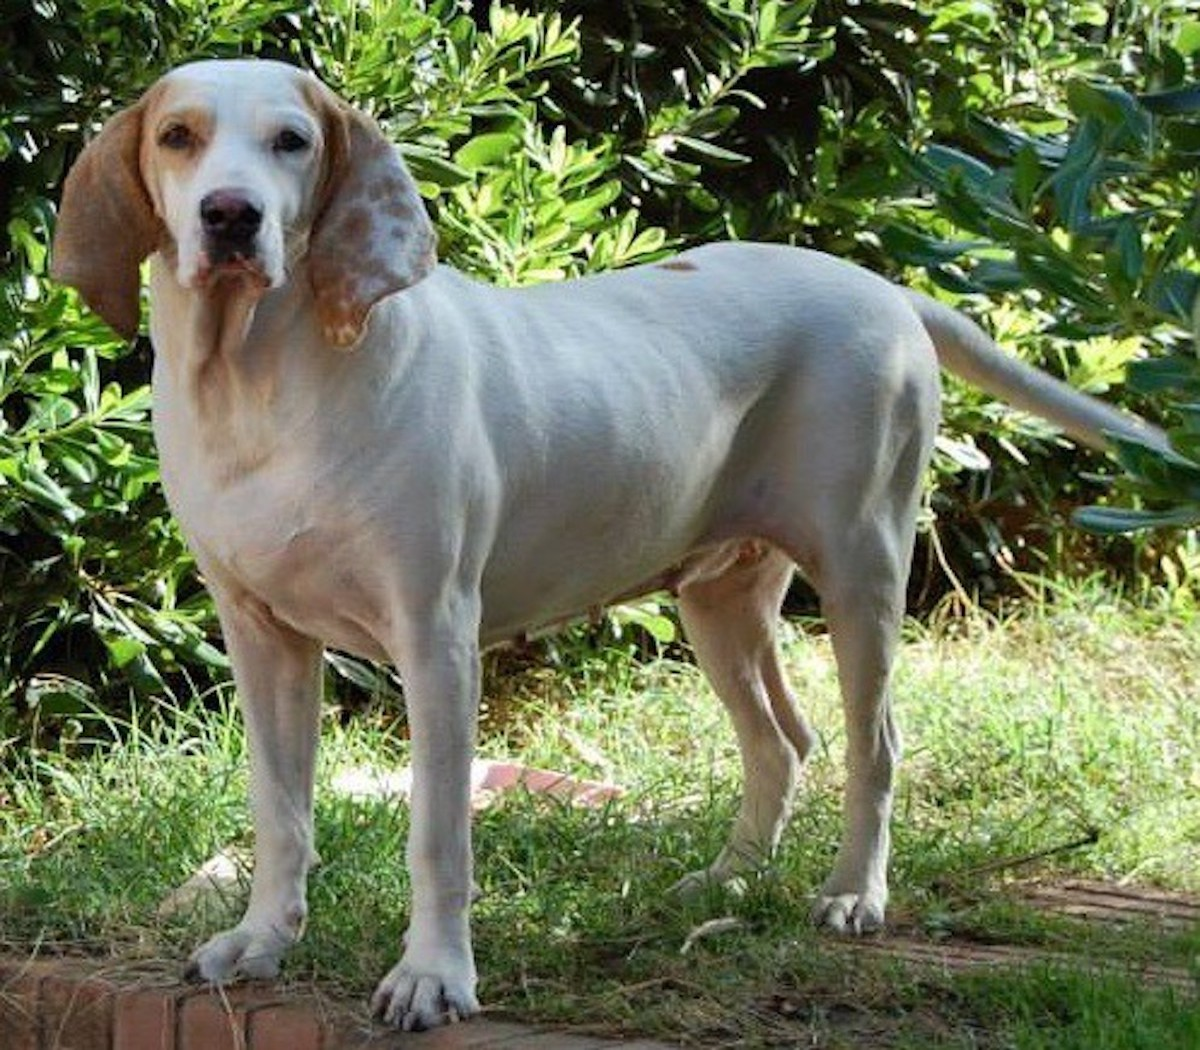 Cuccioli di Porcelaine, quali giochi fargli fare per stimolarli? Ecco cosa sapere